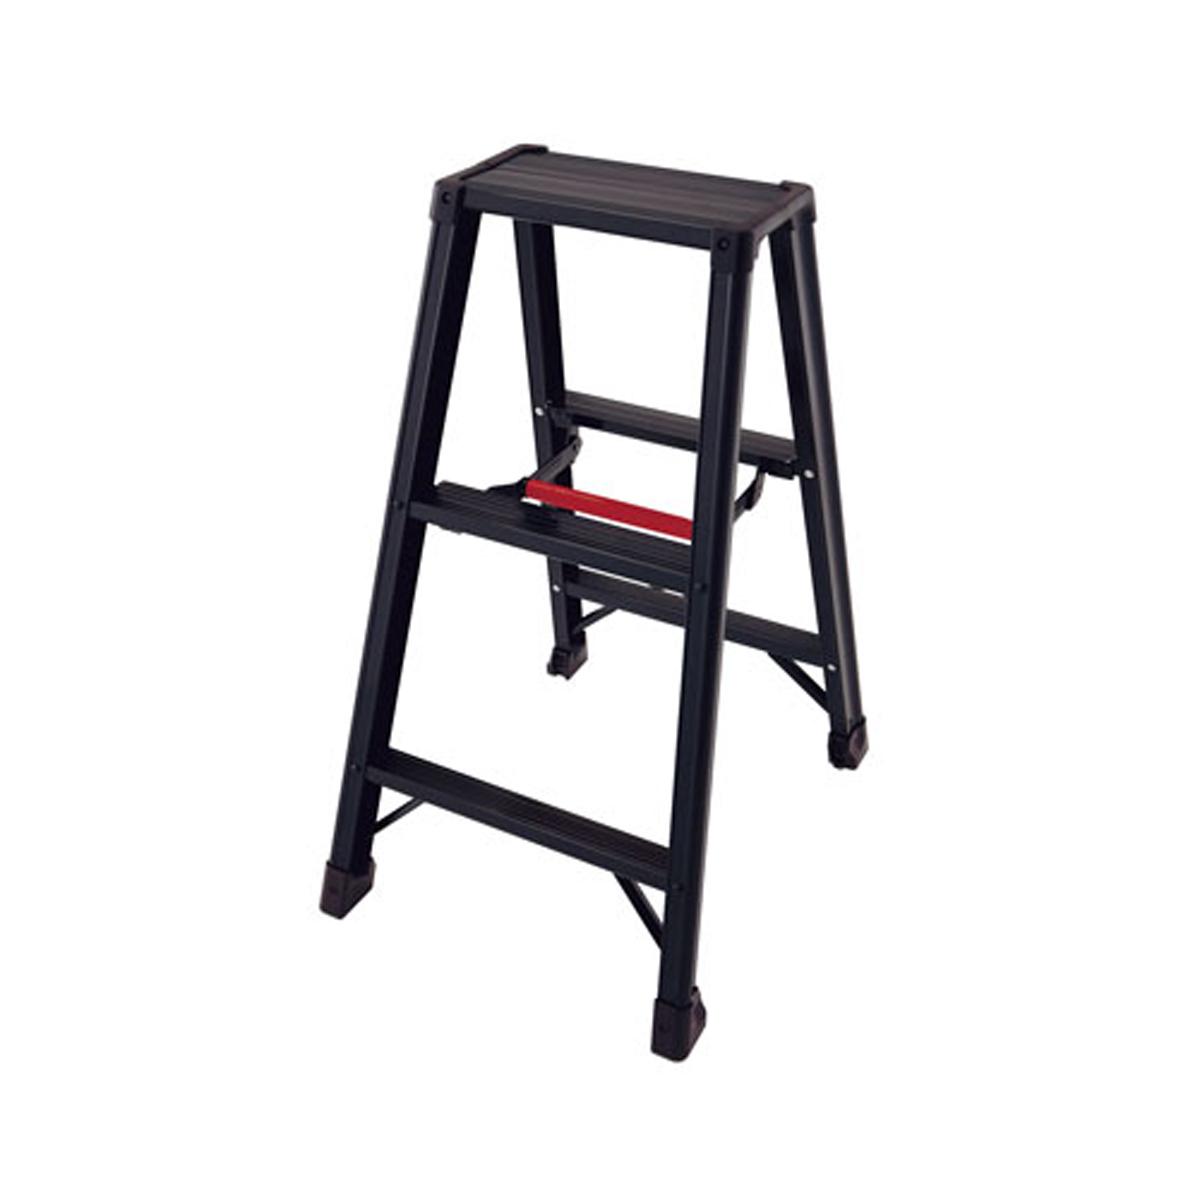 アルミ 軽量 専用脚立 脚軽BLACK RZB1.0-06 2尺 6-1245-0101【厨房用品 清掃用品 お掃除収納 脚立 業務用 販売 通販】[10P03Dec16]